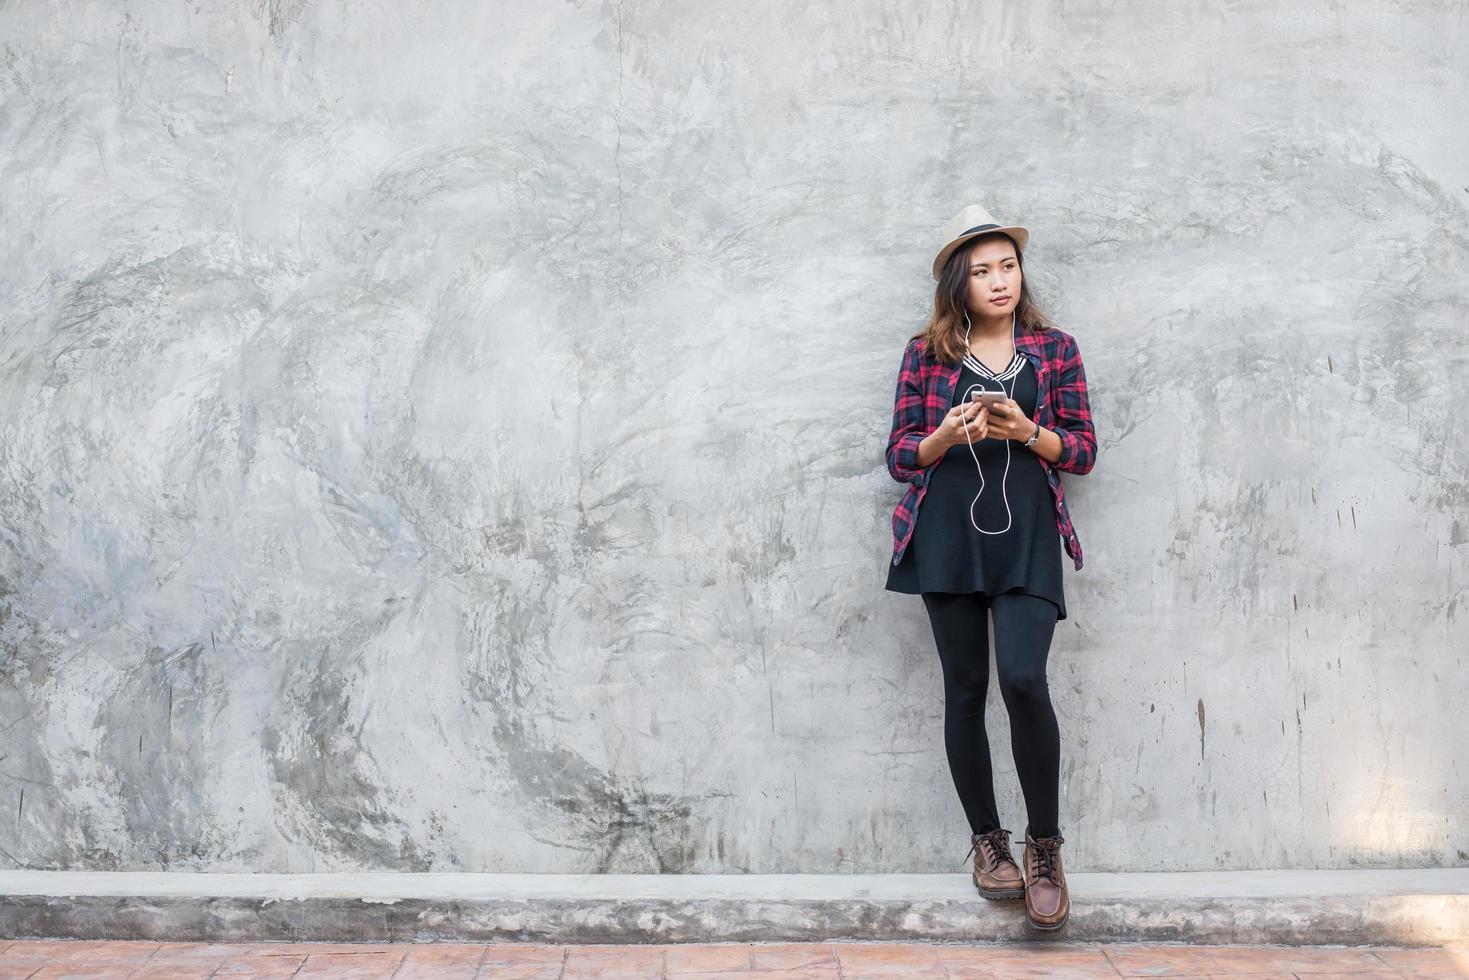 ritratto di una donna giovane hipster che ascolta la musica con lo smartphone foto